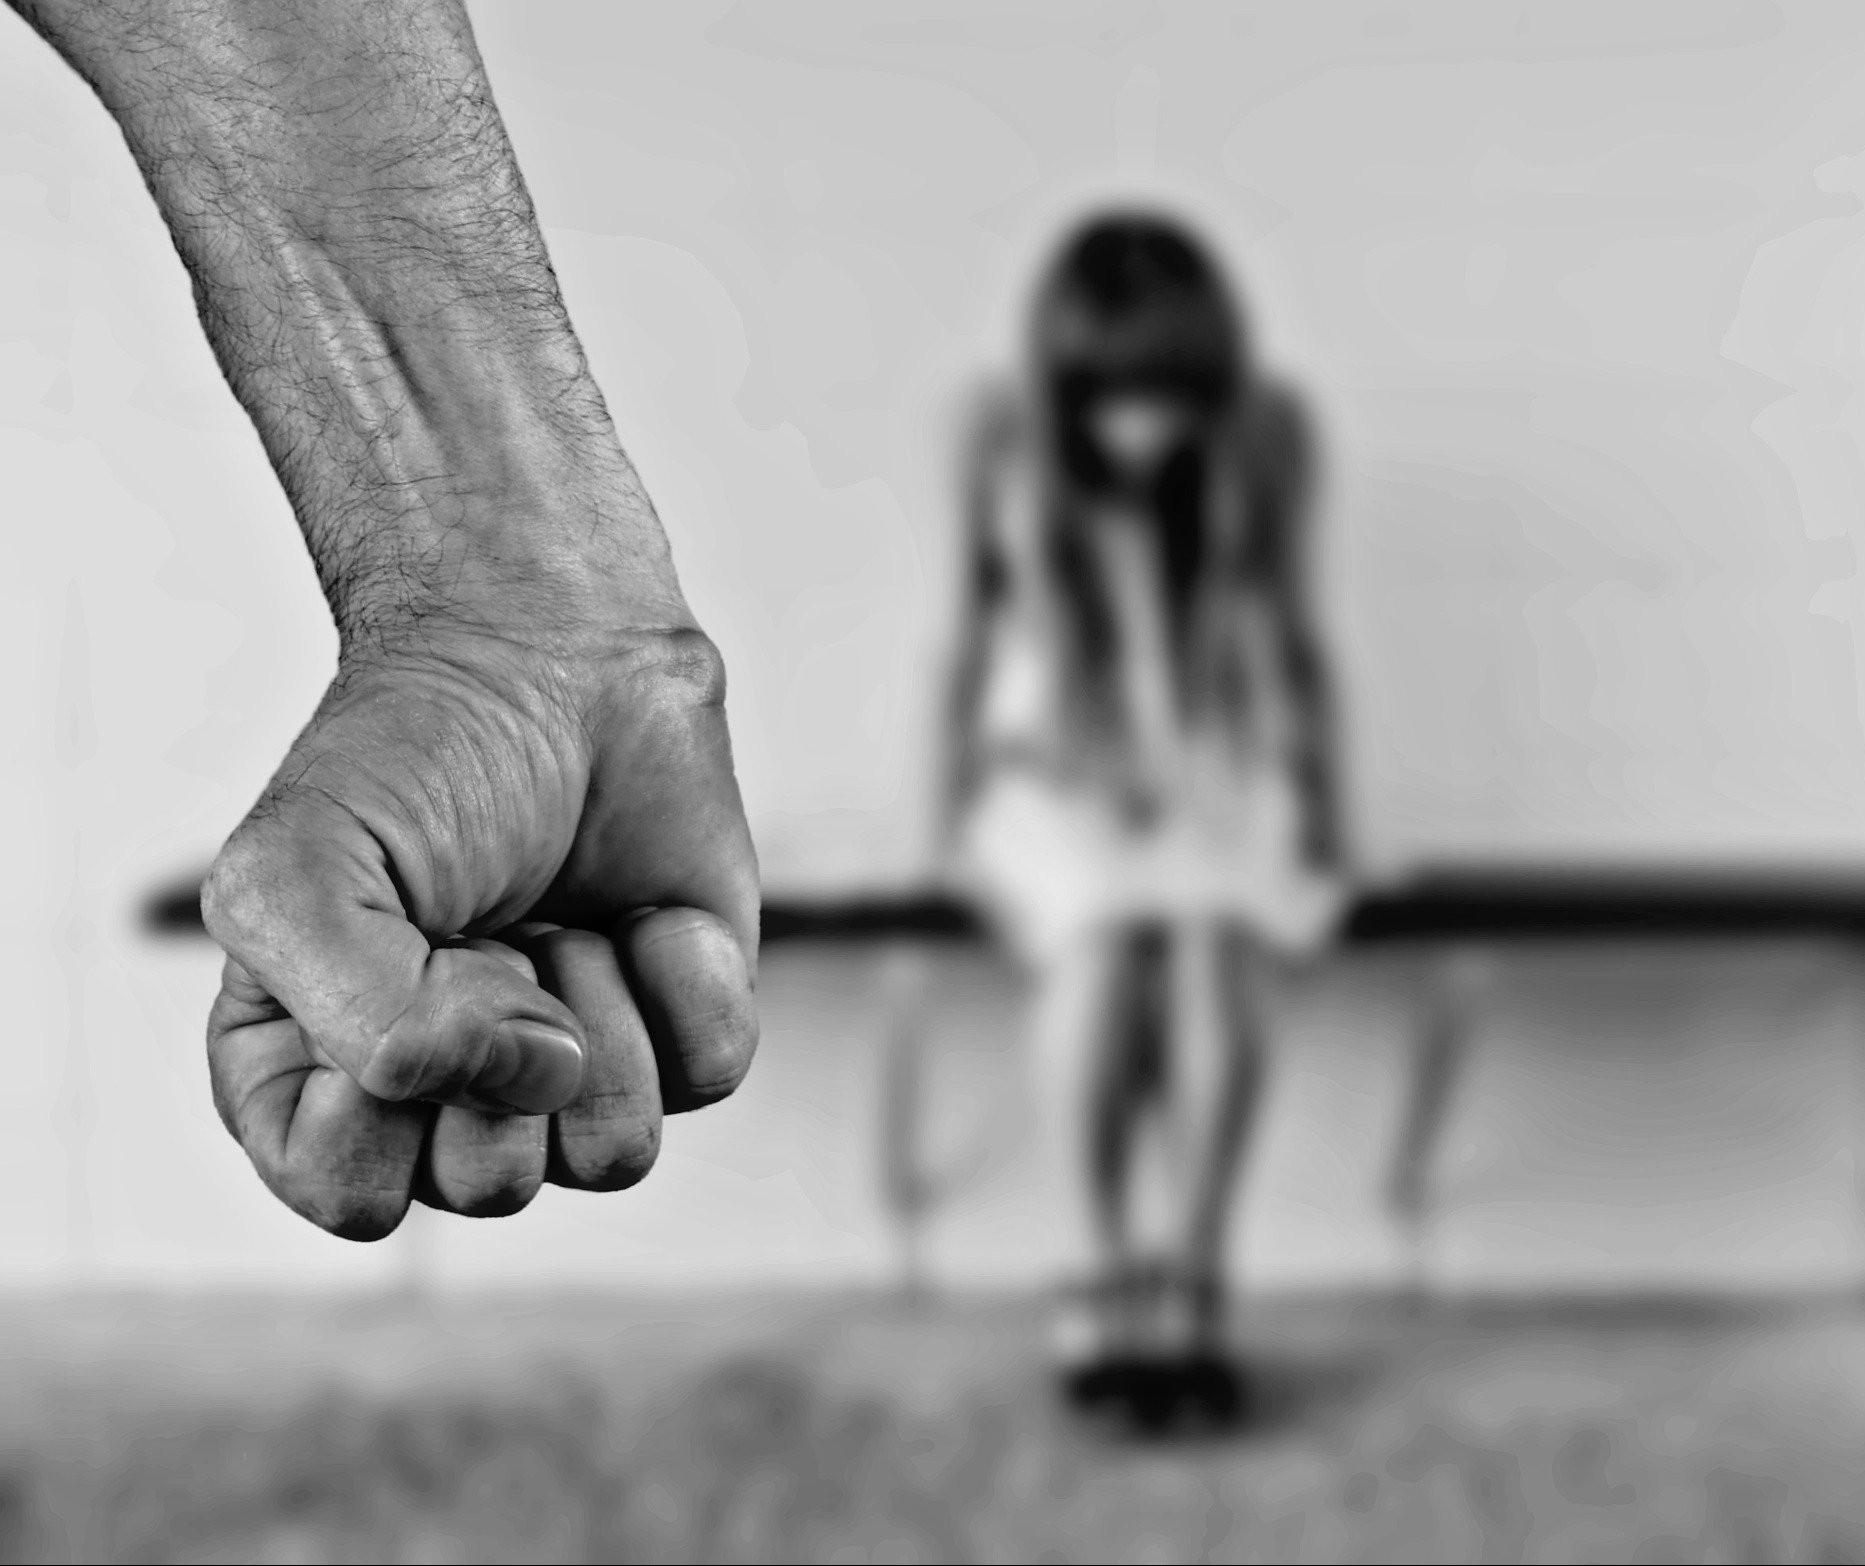 Campanha orienta a como identificar e denunciar a violência contra crianças